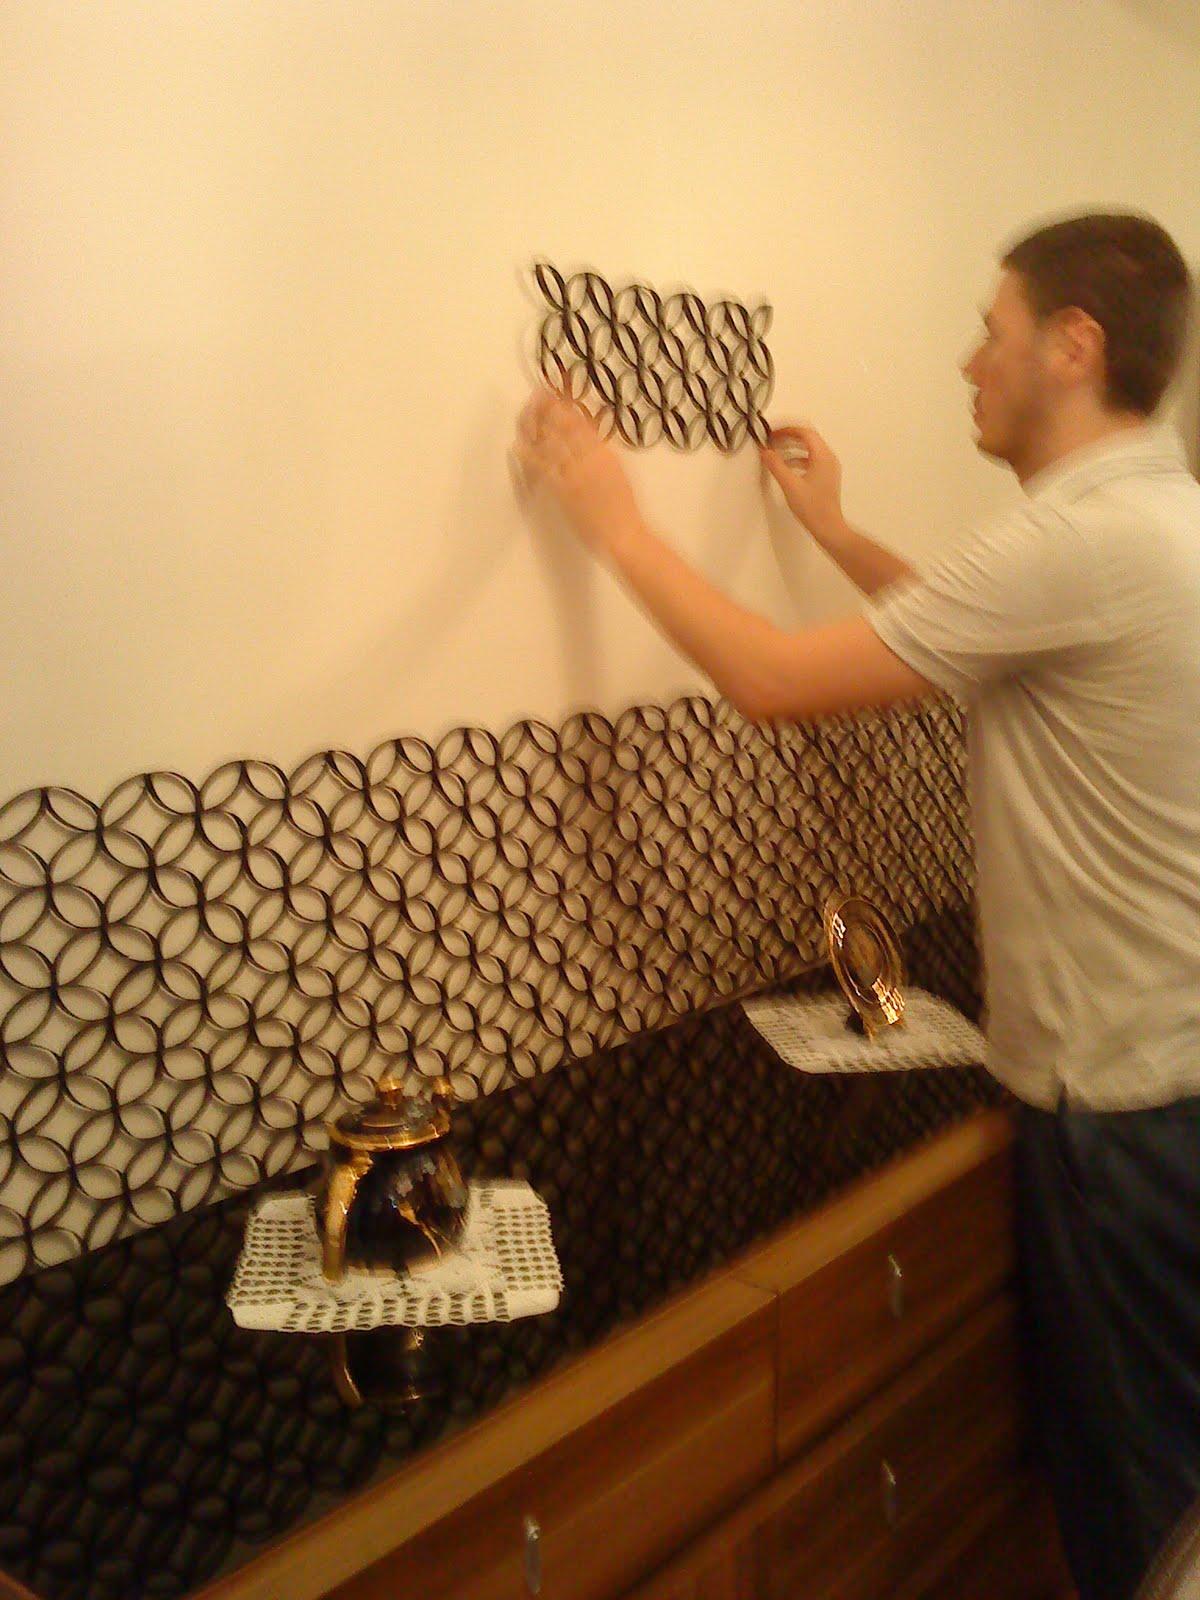 Tuvalet Kağıdı Rulosundan Duvar Süsü Nasıl Yapılır